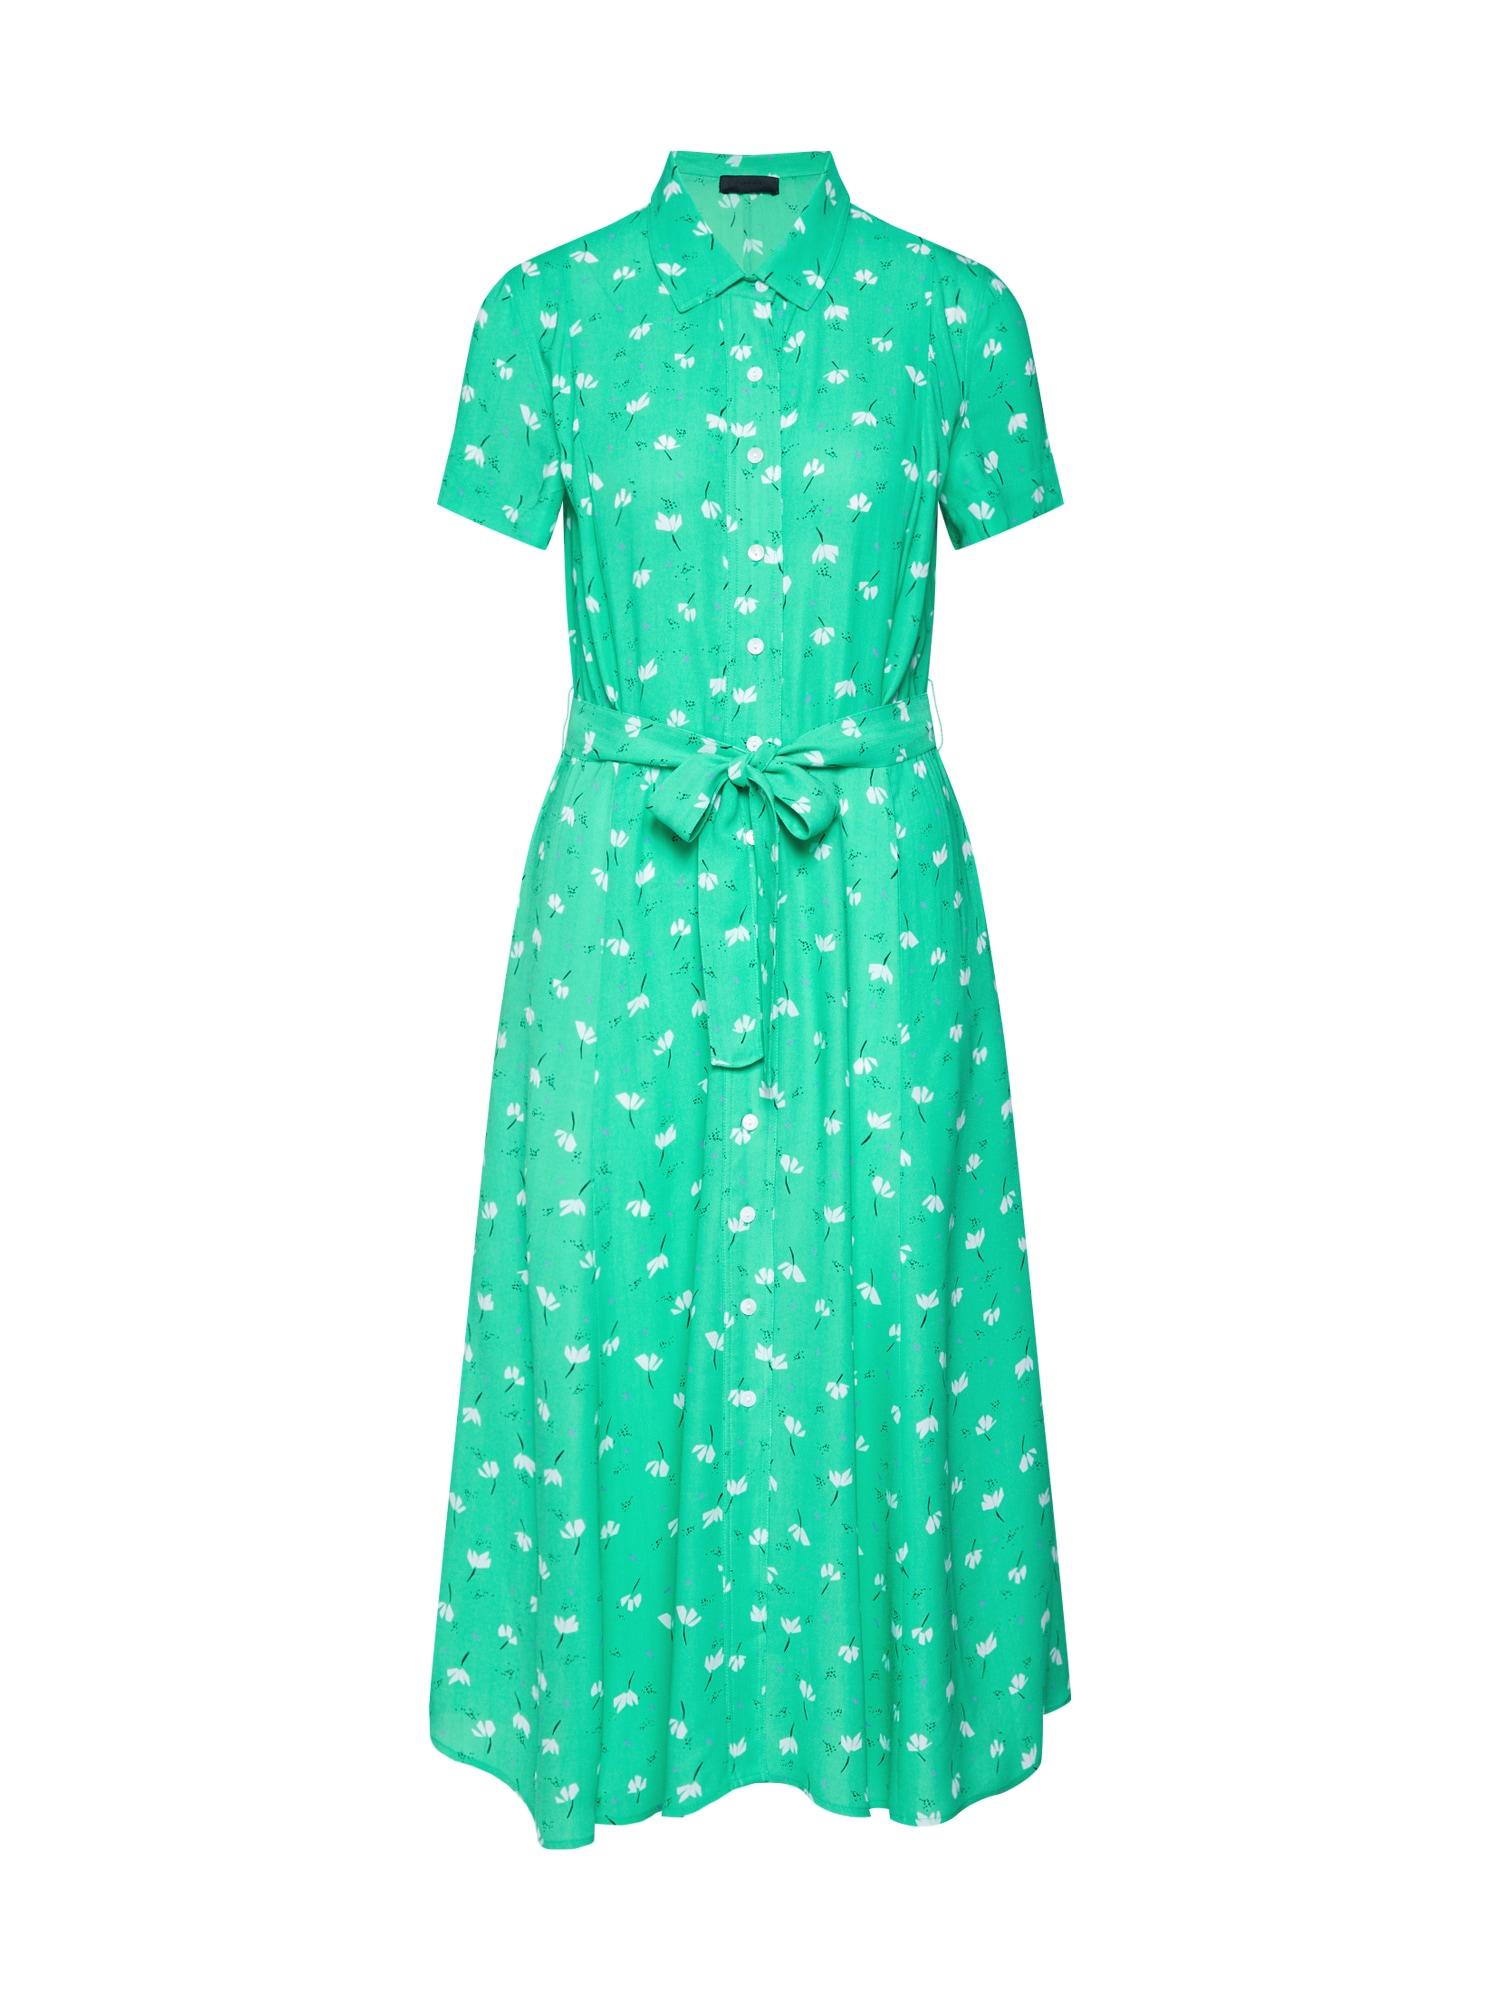 Košilové šaty Limelight Anemone zelená bílá 2ND DAY